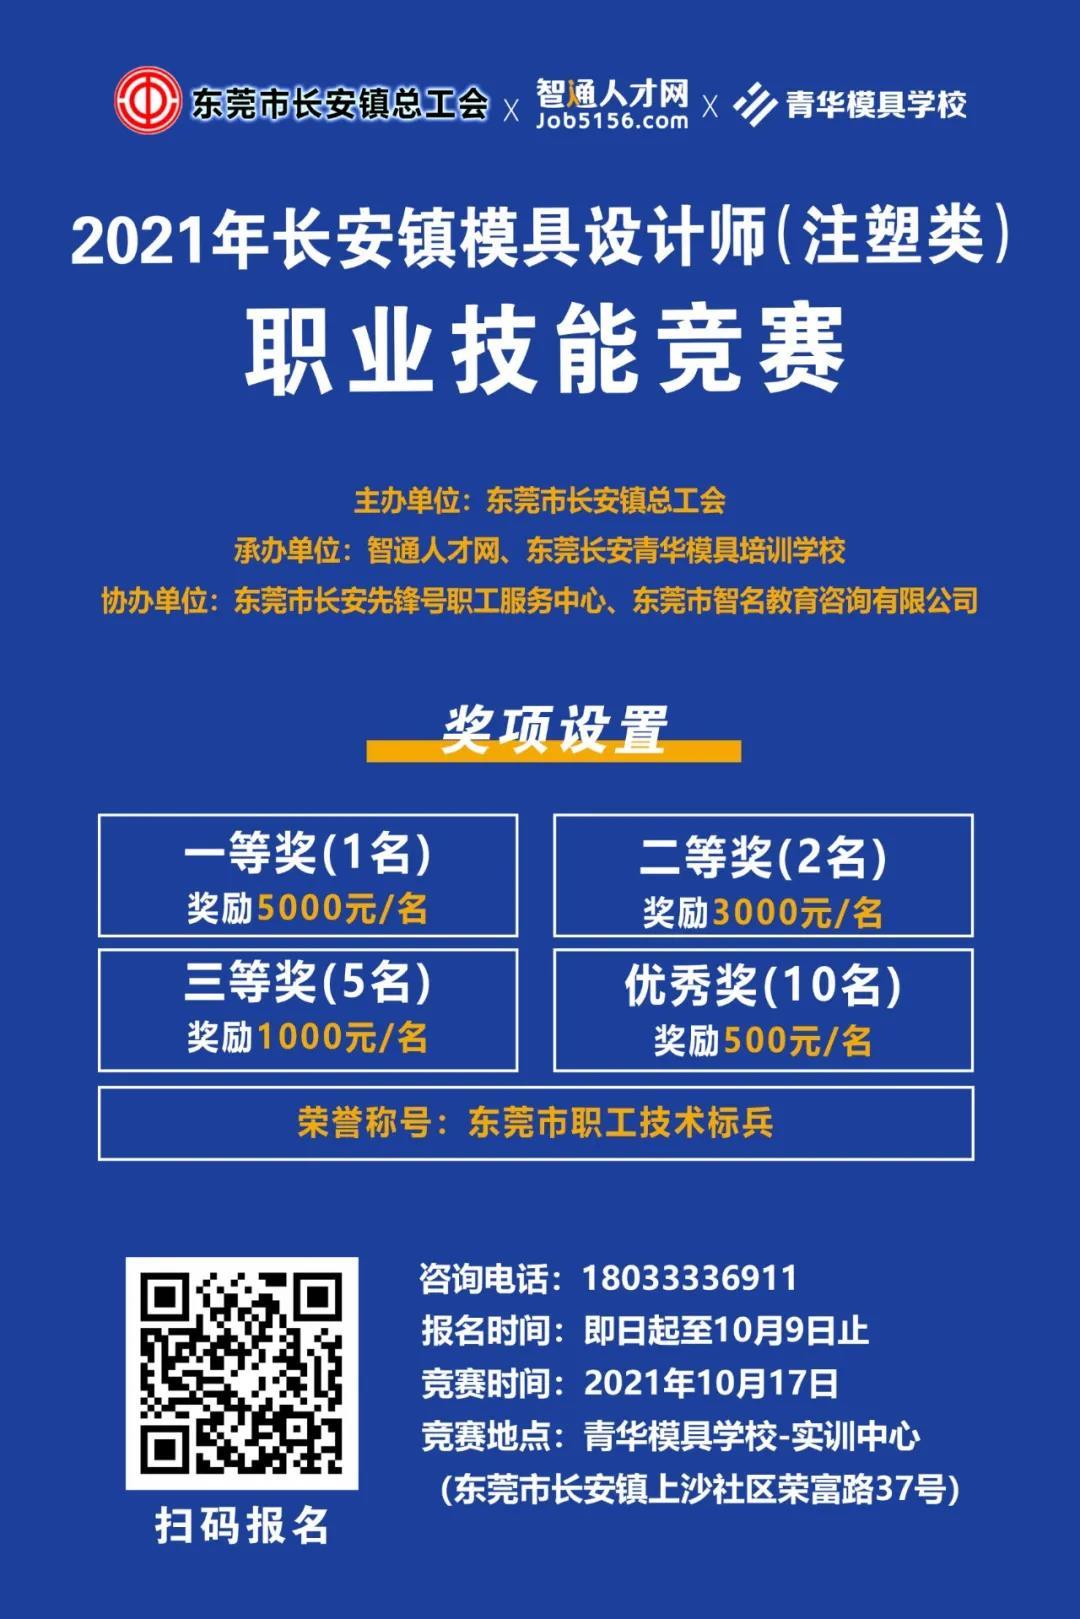 @长安职工,模具设计师(注塑类)职业技能竞赛报名啦